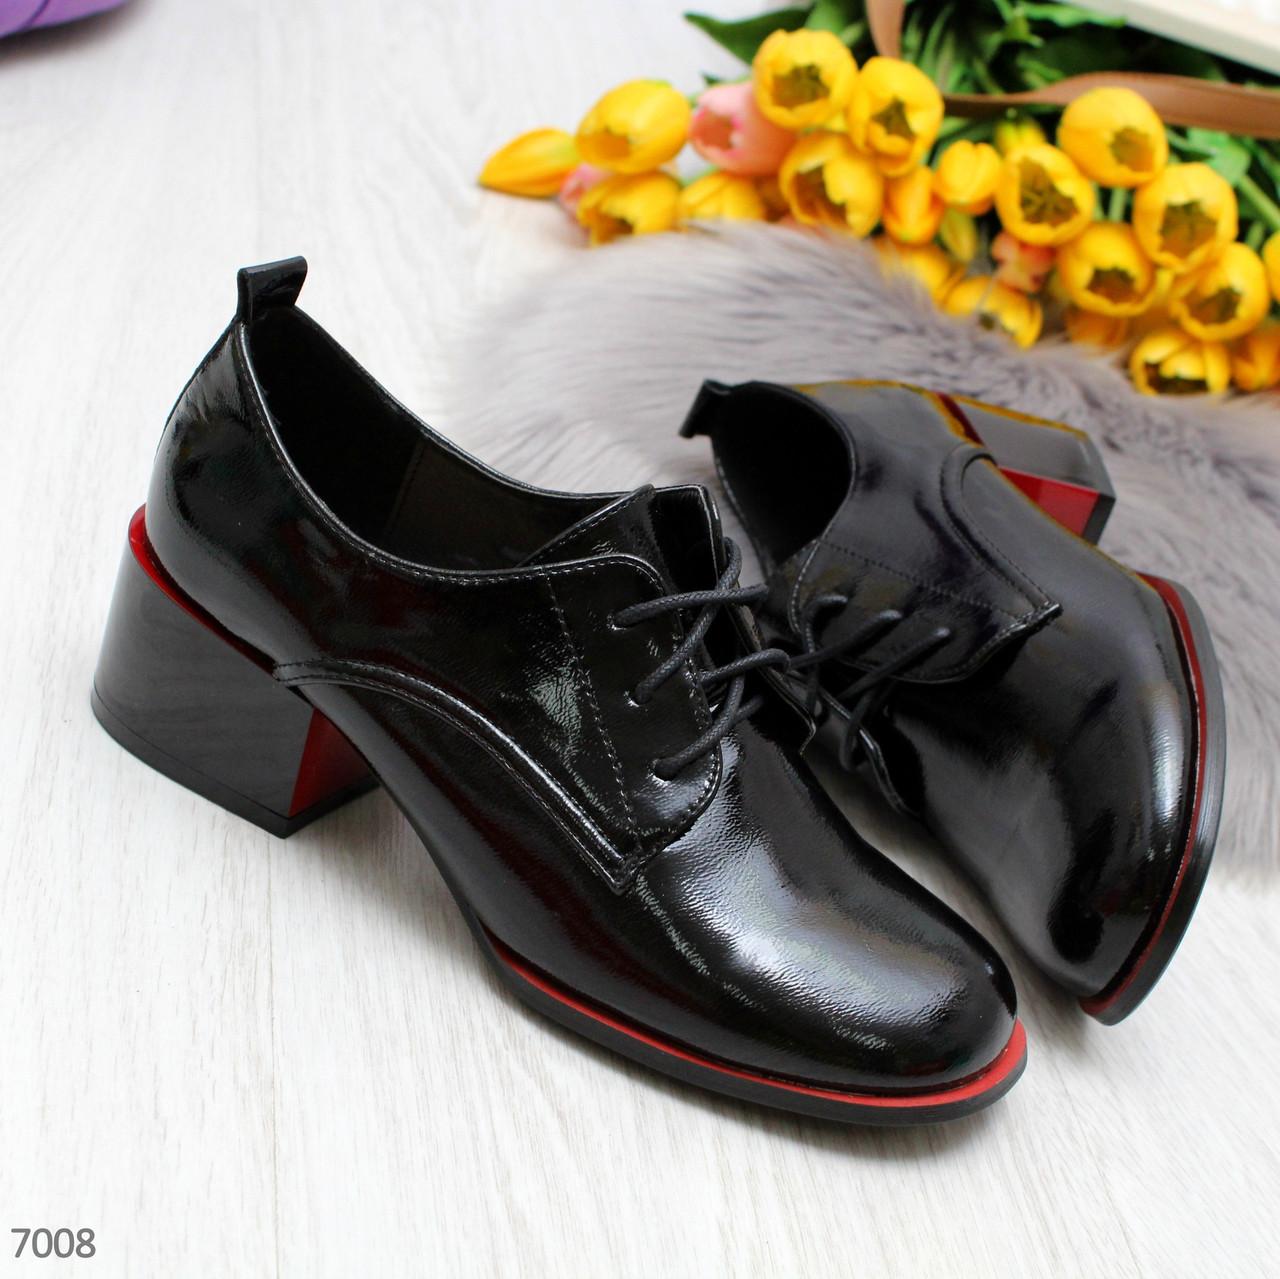 Эффектные черные демисезонные женские туфли на удобном каблуке